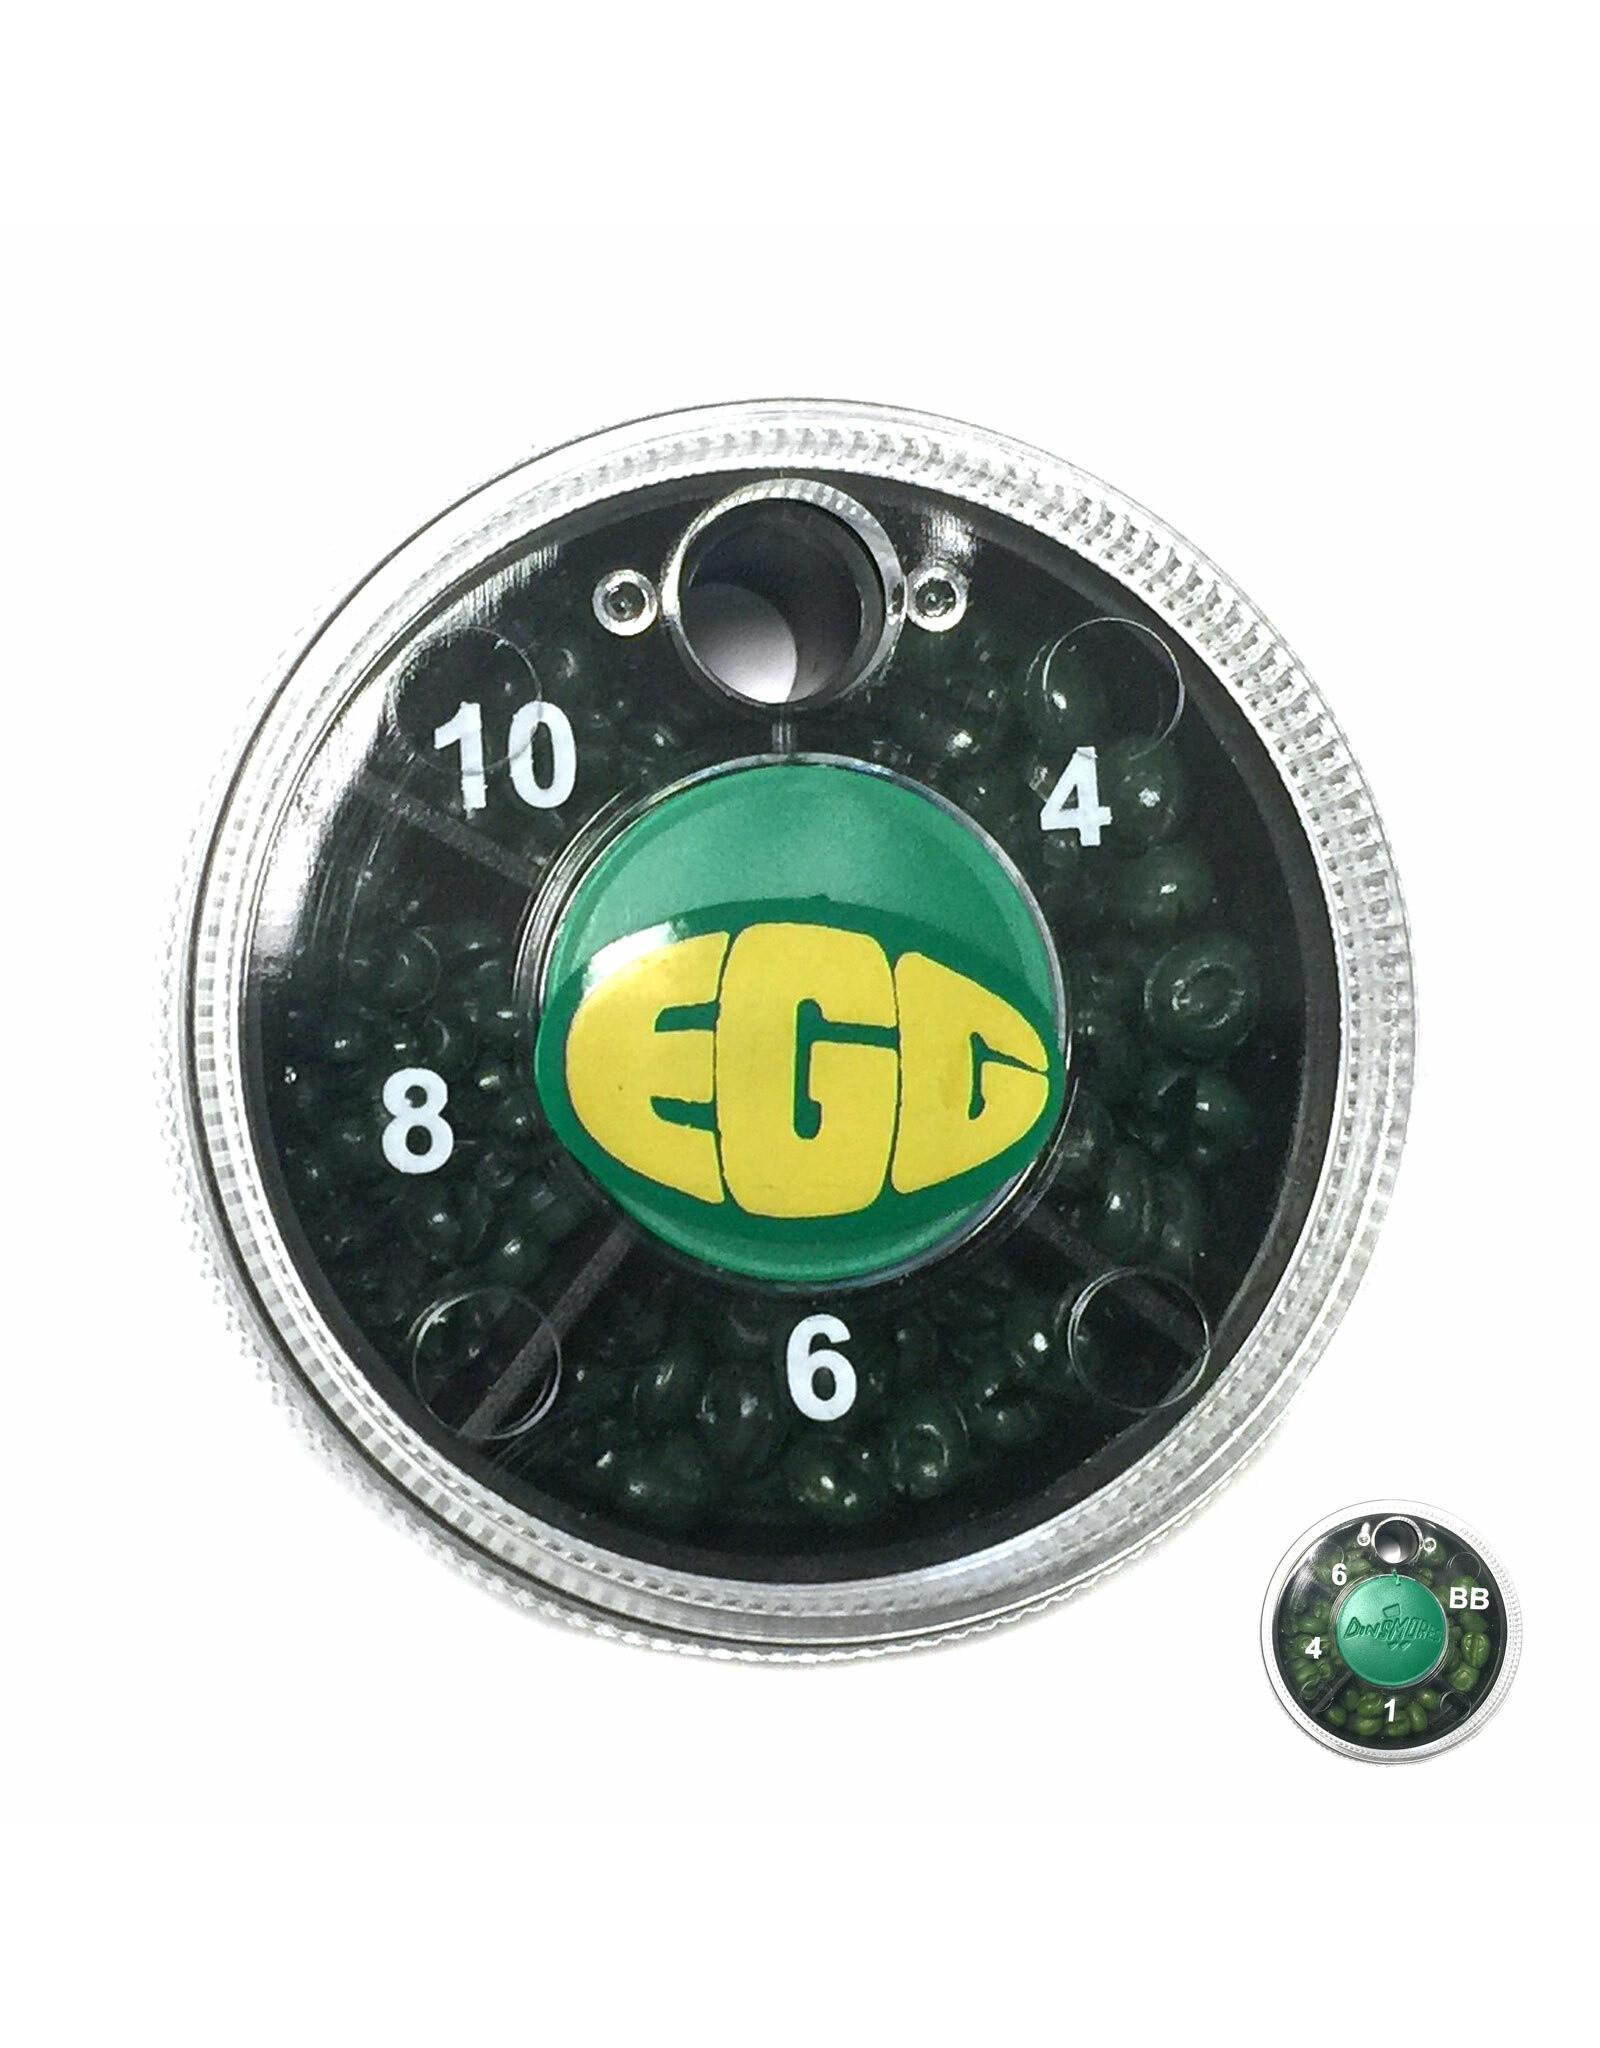 Dinsmore Dinsmore 4 Shot Tin Selector (Green Egg) Size 4-10